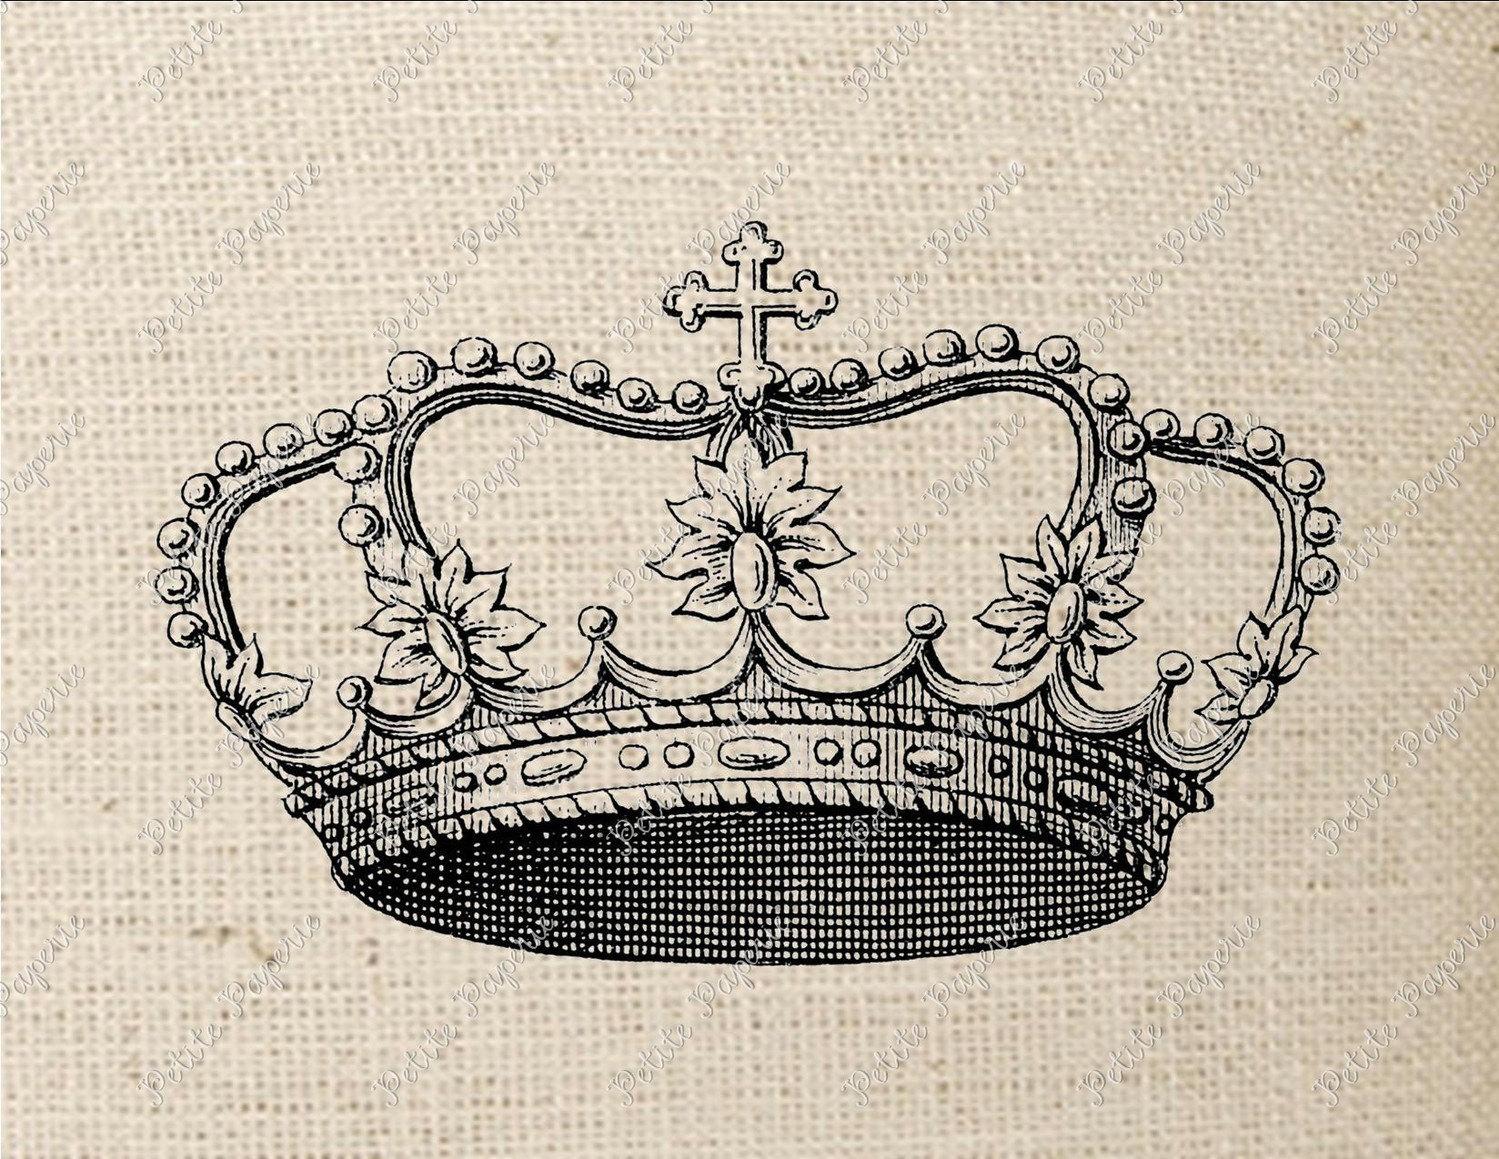 Queen Crown Wallpaper Princess crown digitalQueen Crown Wallpaper